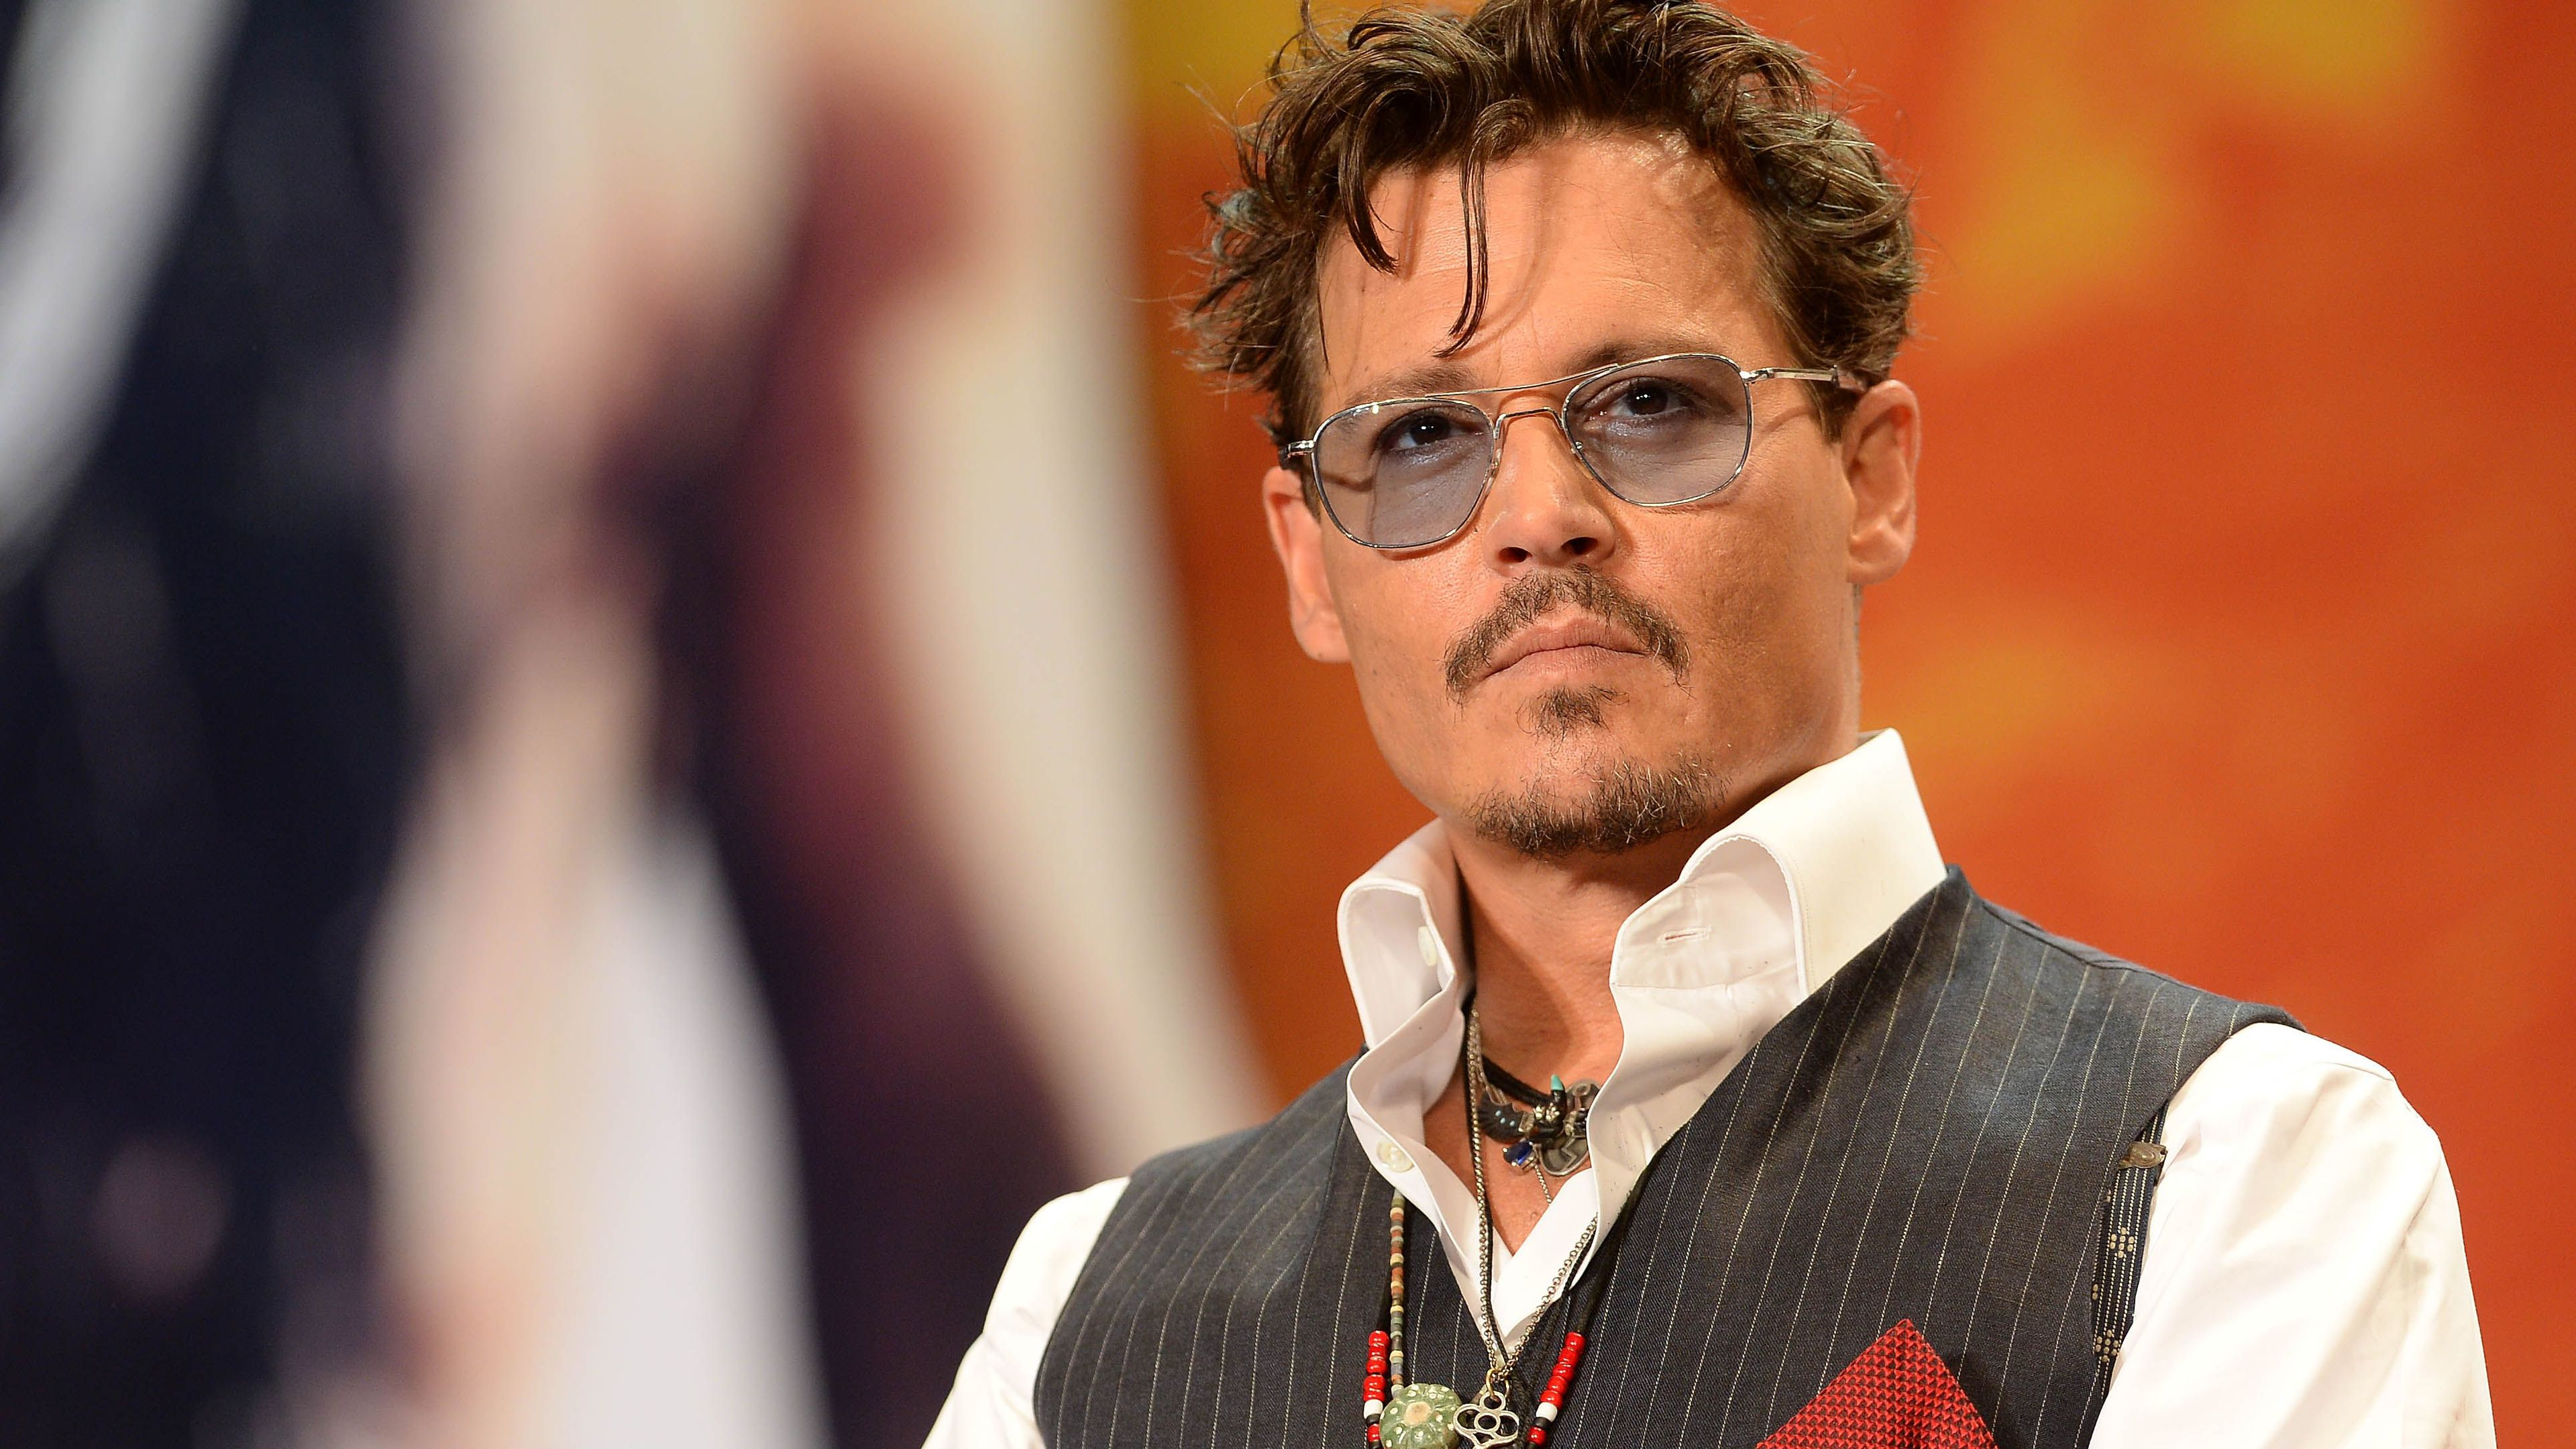 johnny depp hd 1536856992 - Johnny Depp HD - johnny depp wallpapers, celebrities wallpapers